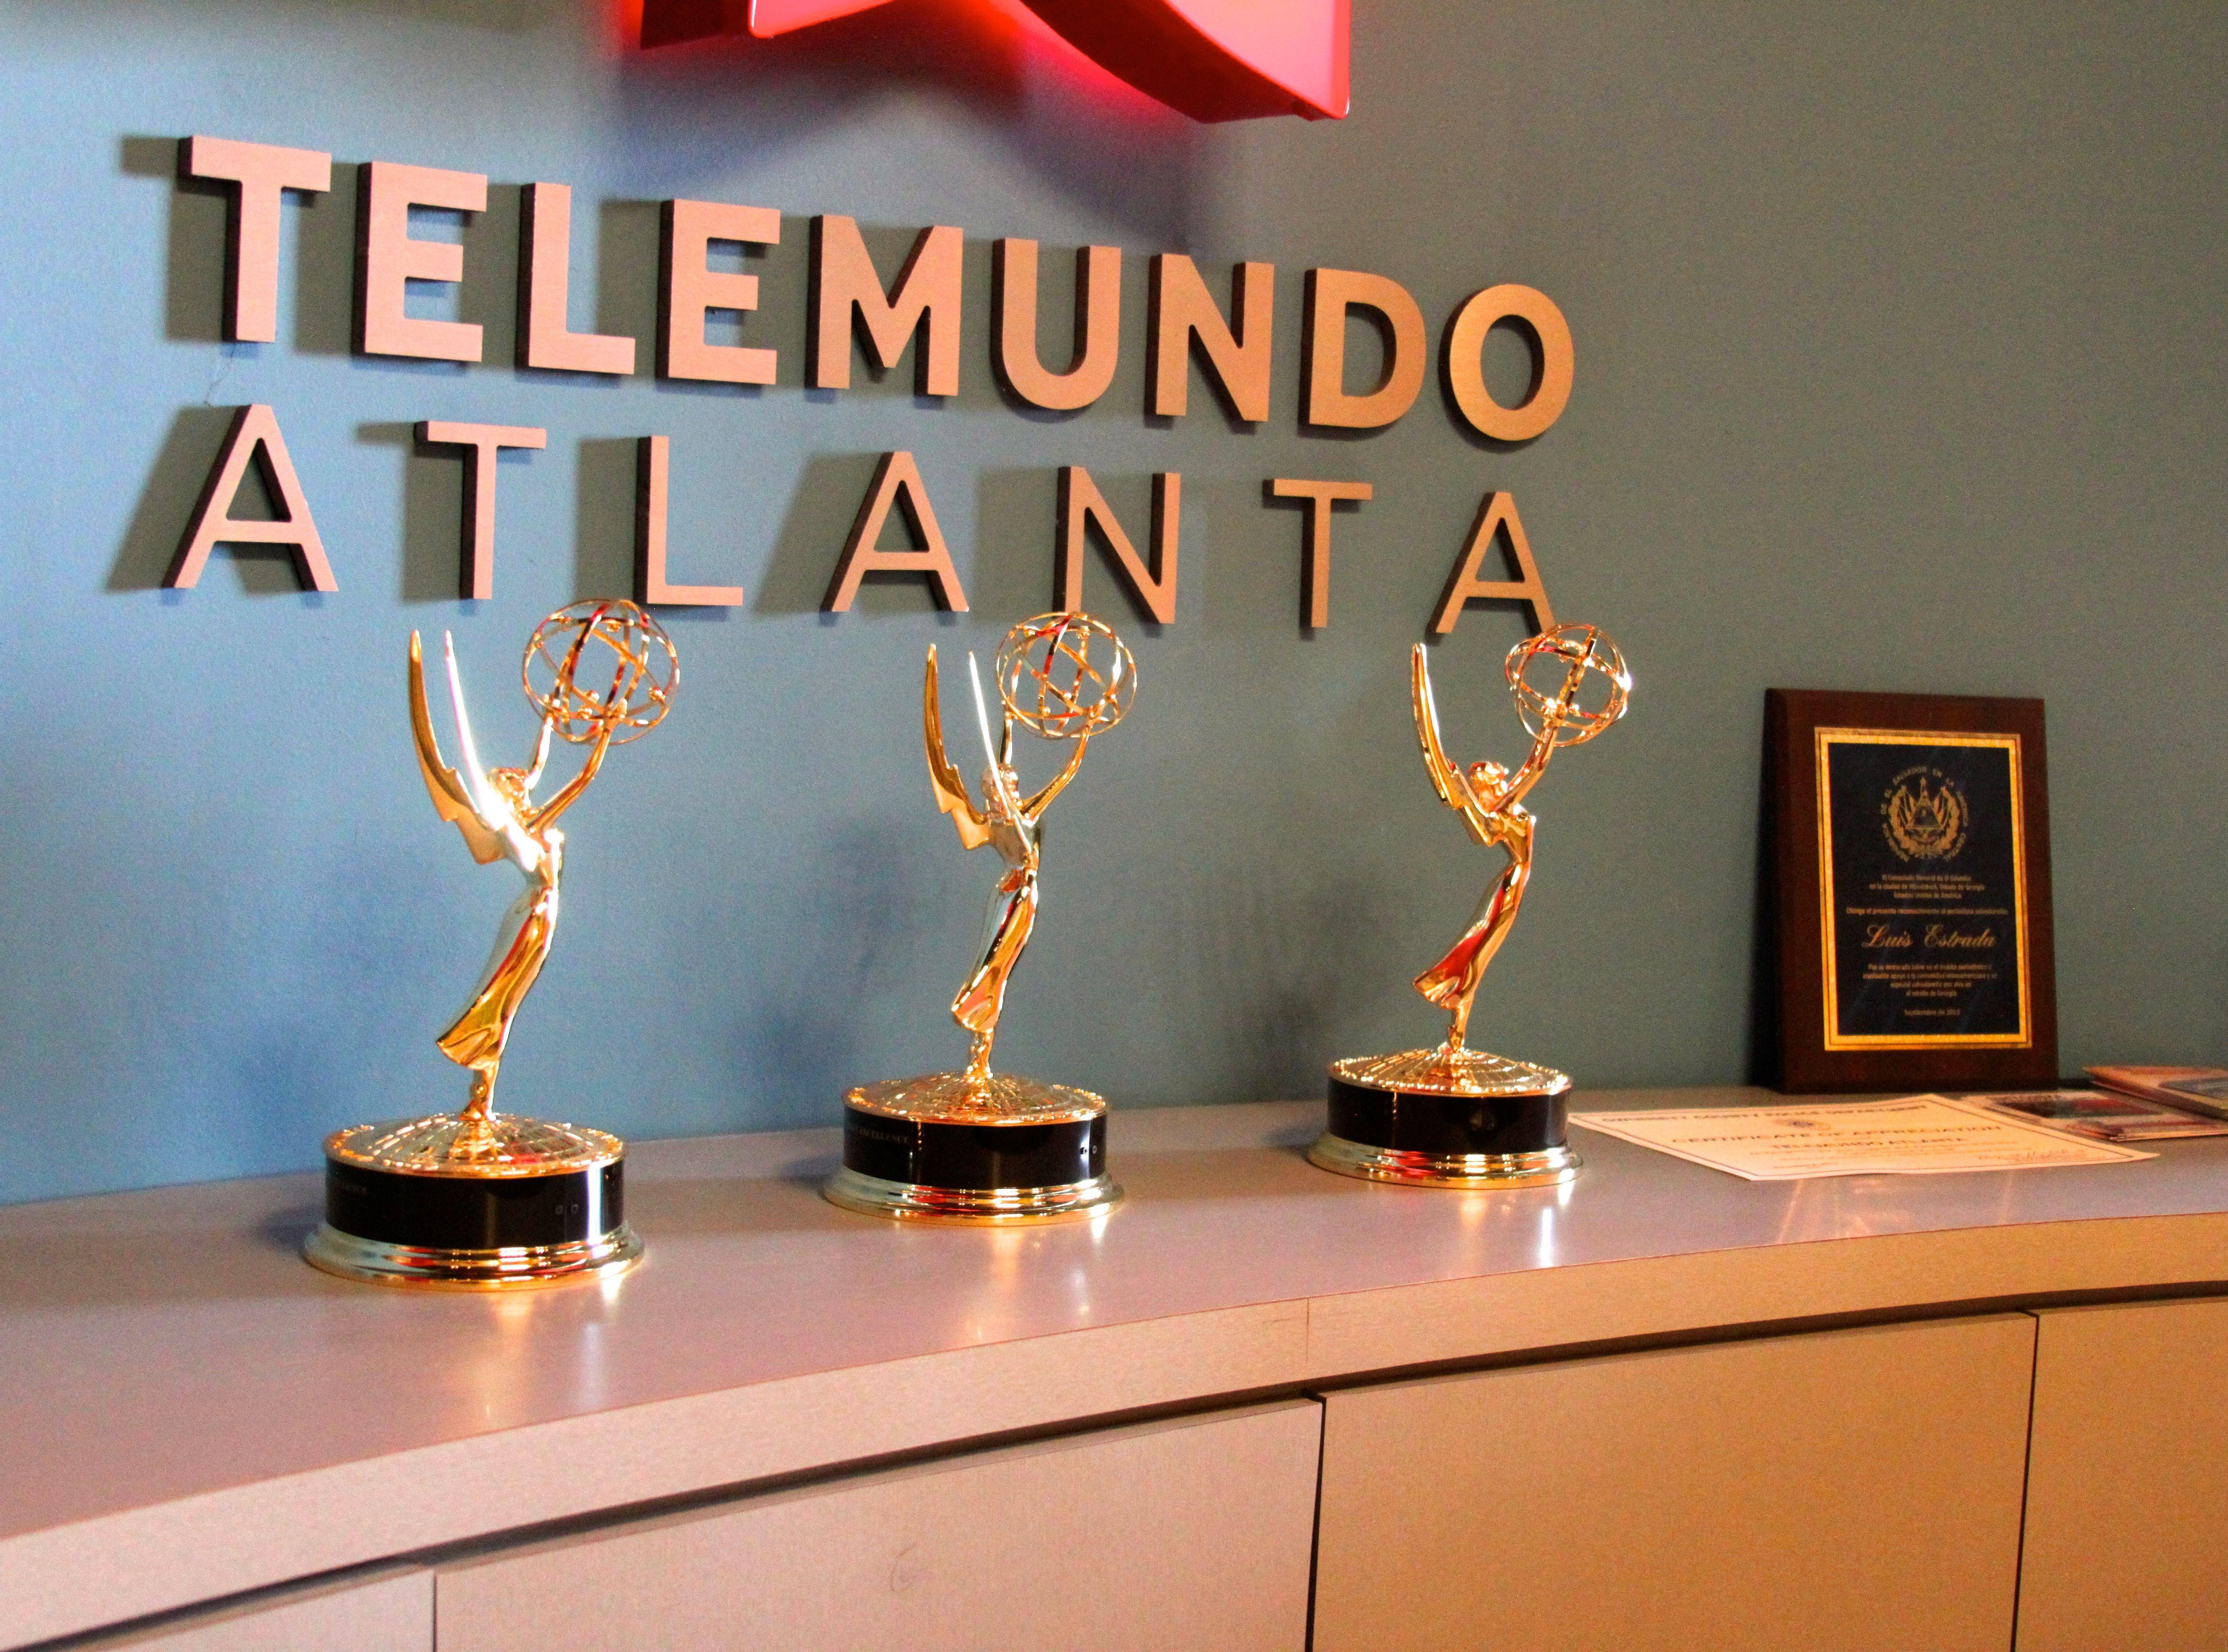 Telemundo tv studio design interior revivals interior - Interior design firms atlanta ga ...